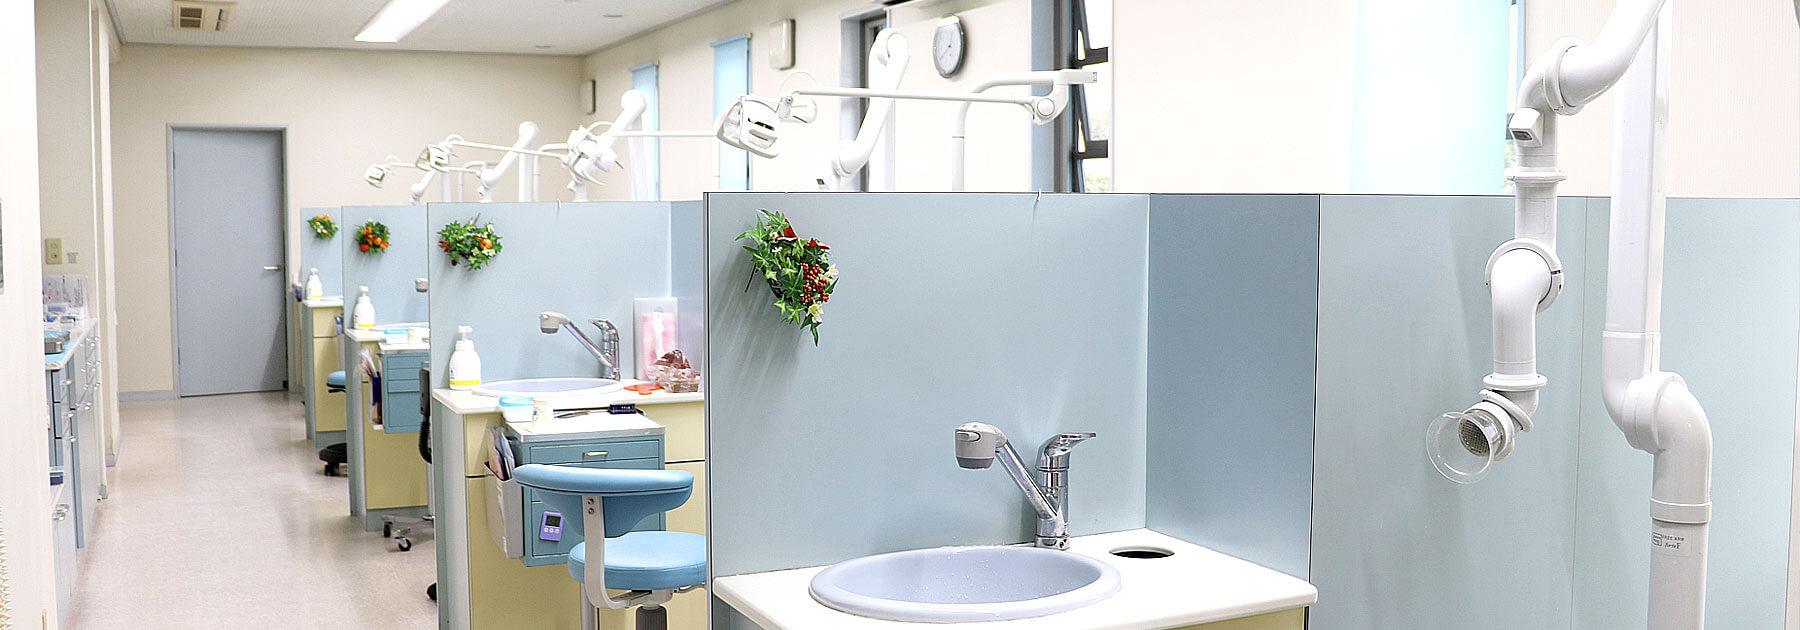 小宮歯科診療室が選ばれる特徴